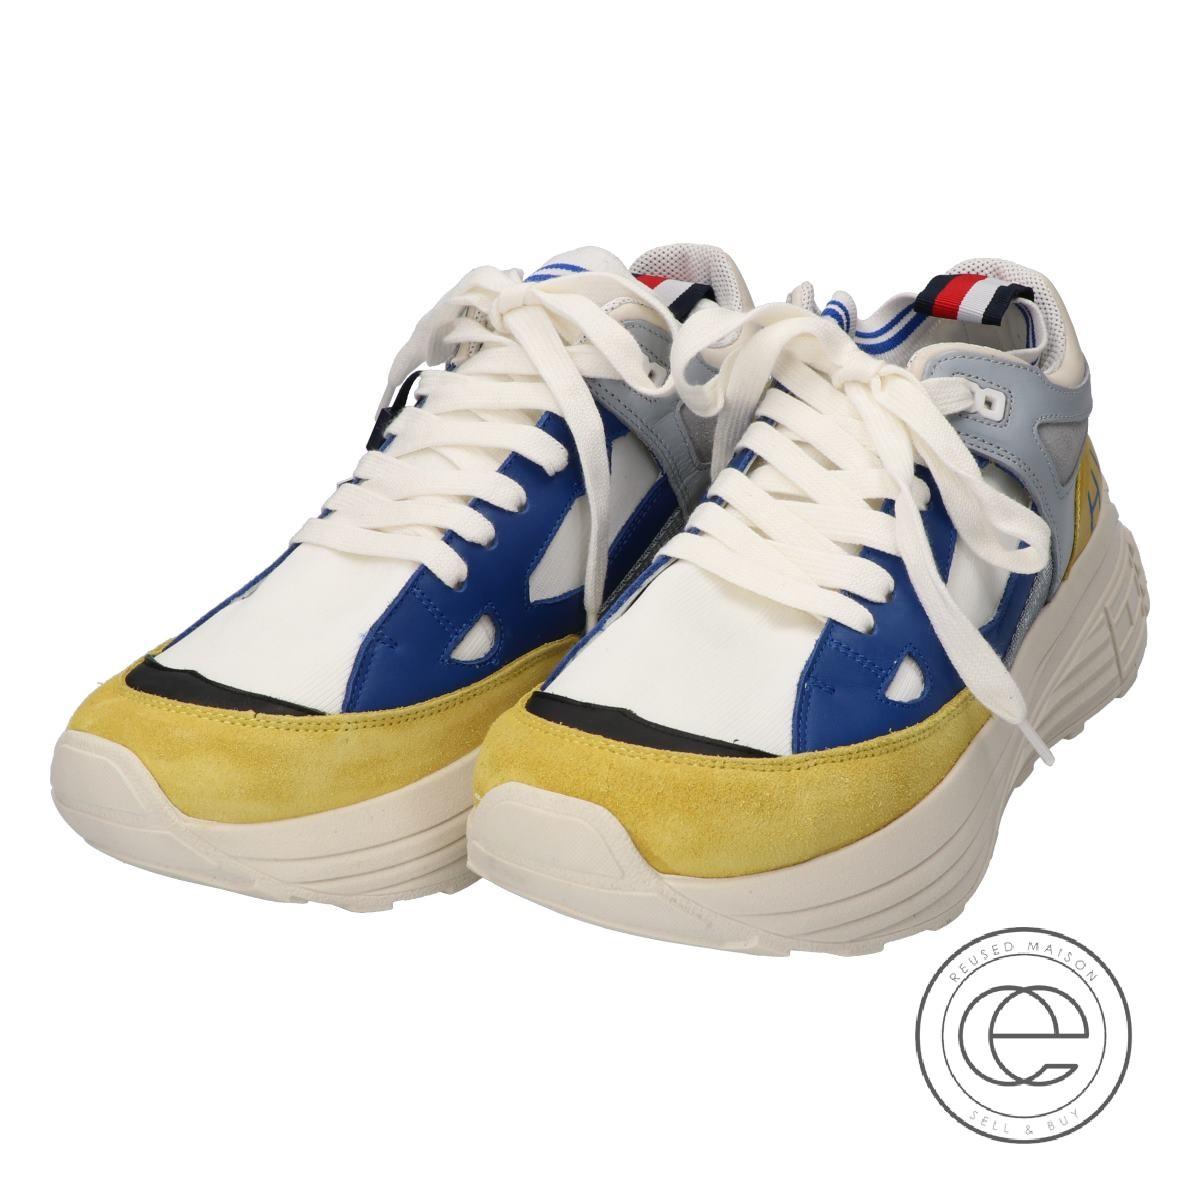 vývod největší výběr roku 2019 populární design TOMMY HILFIGER トミーヒルフィガー RE0RE00297 COLLECTION CHUNKY SNEAKER chunkey sole  sneakers 41 blue /911 men